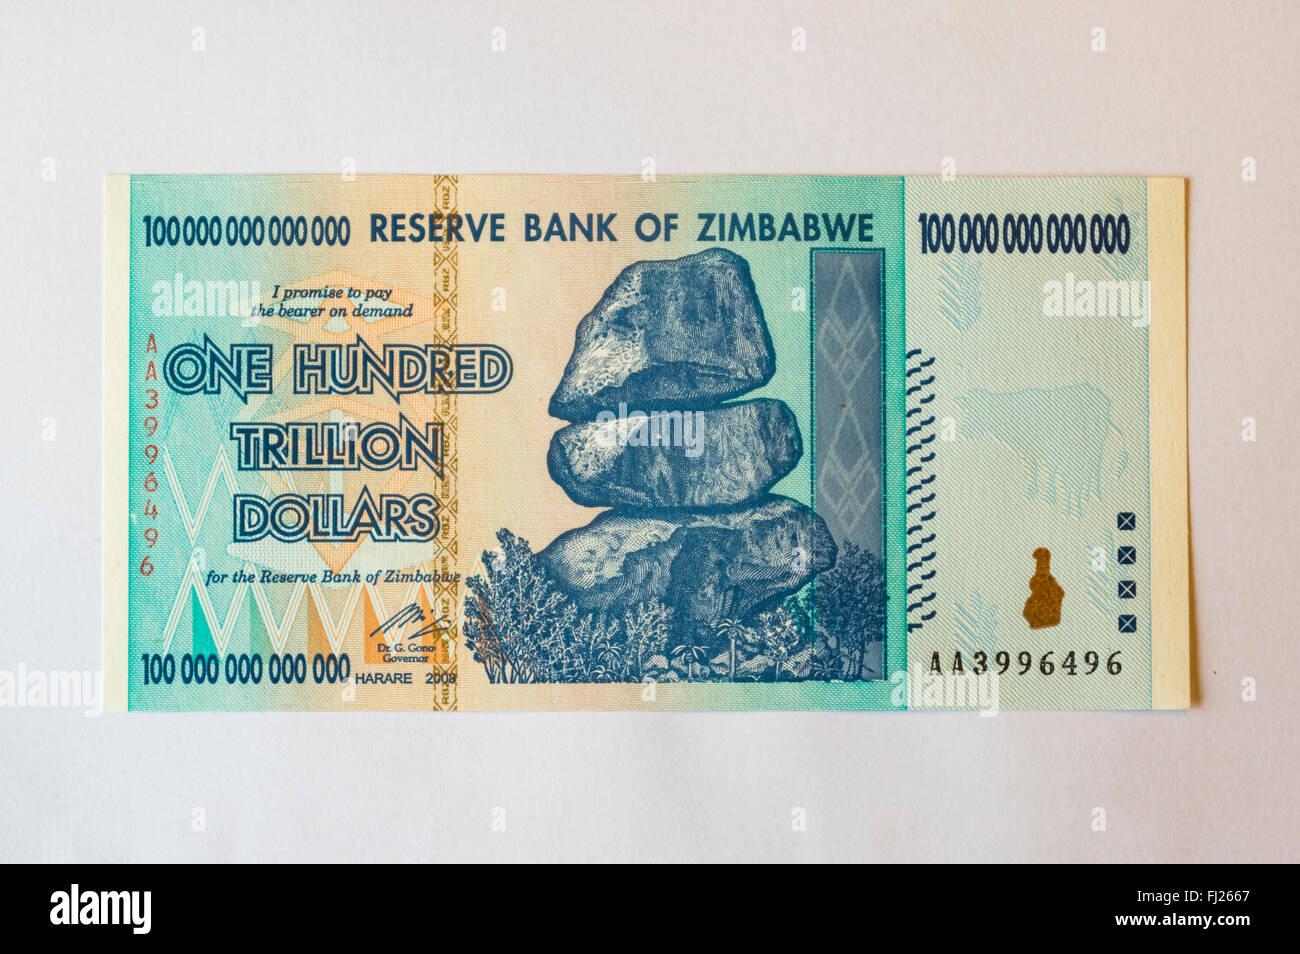 Cien billones de dólares billete emitido en Zimbabwe en 2008, en el clímax de la hiperinflación. Imagen De Stock